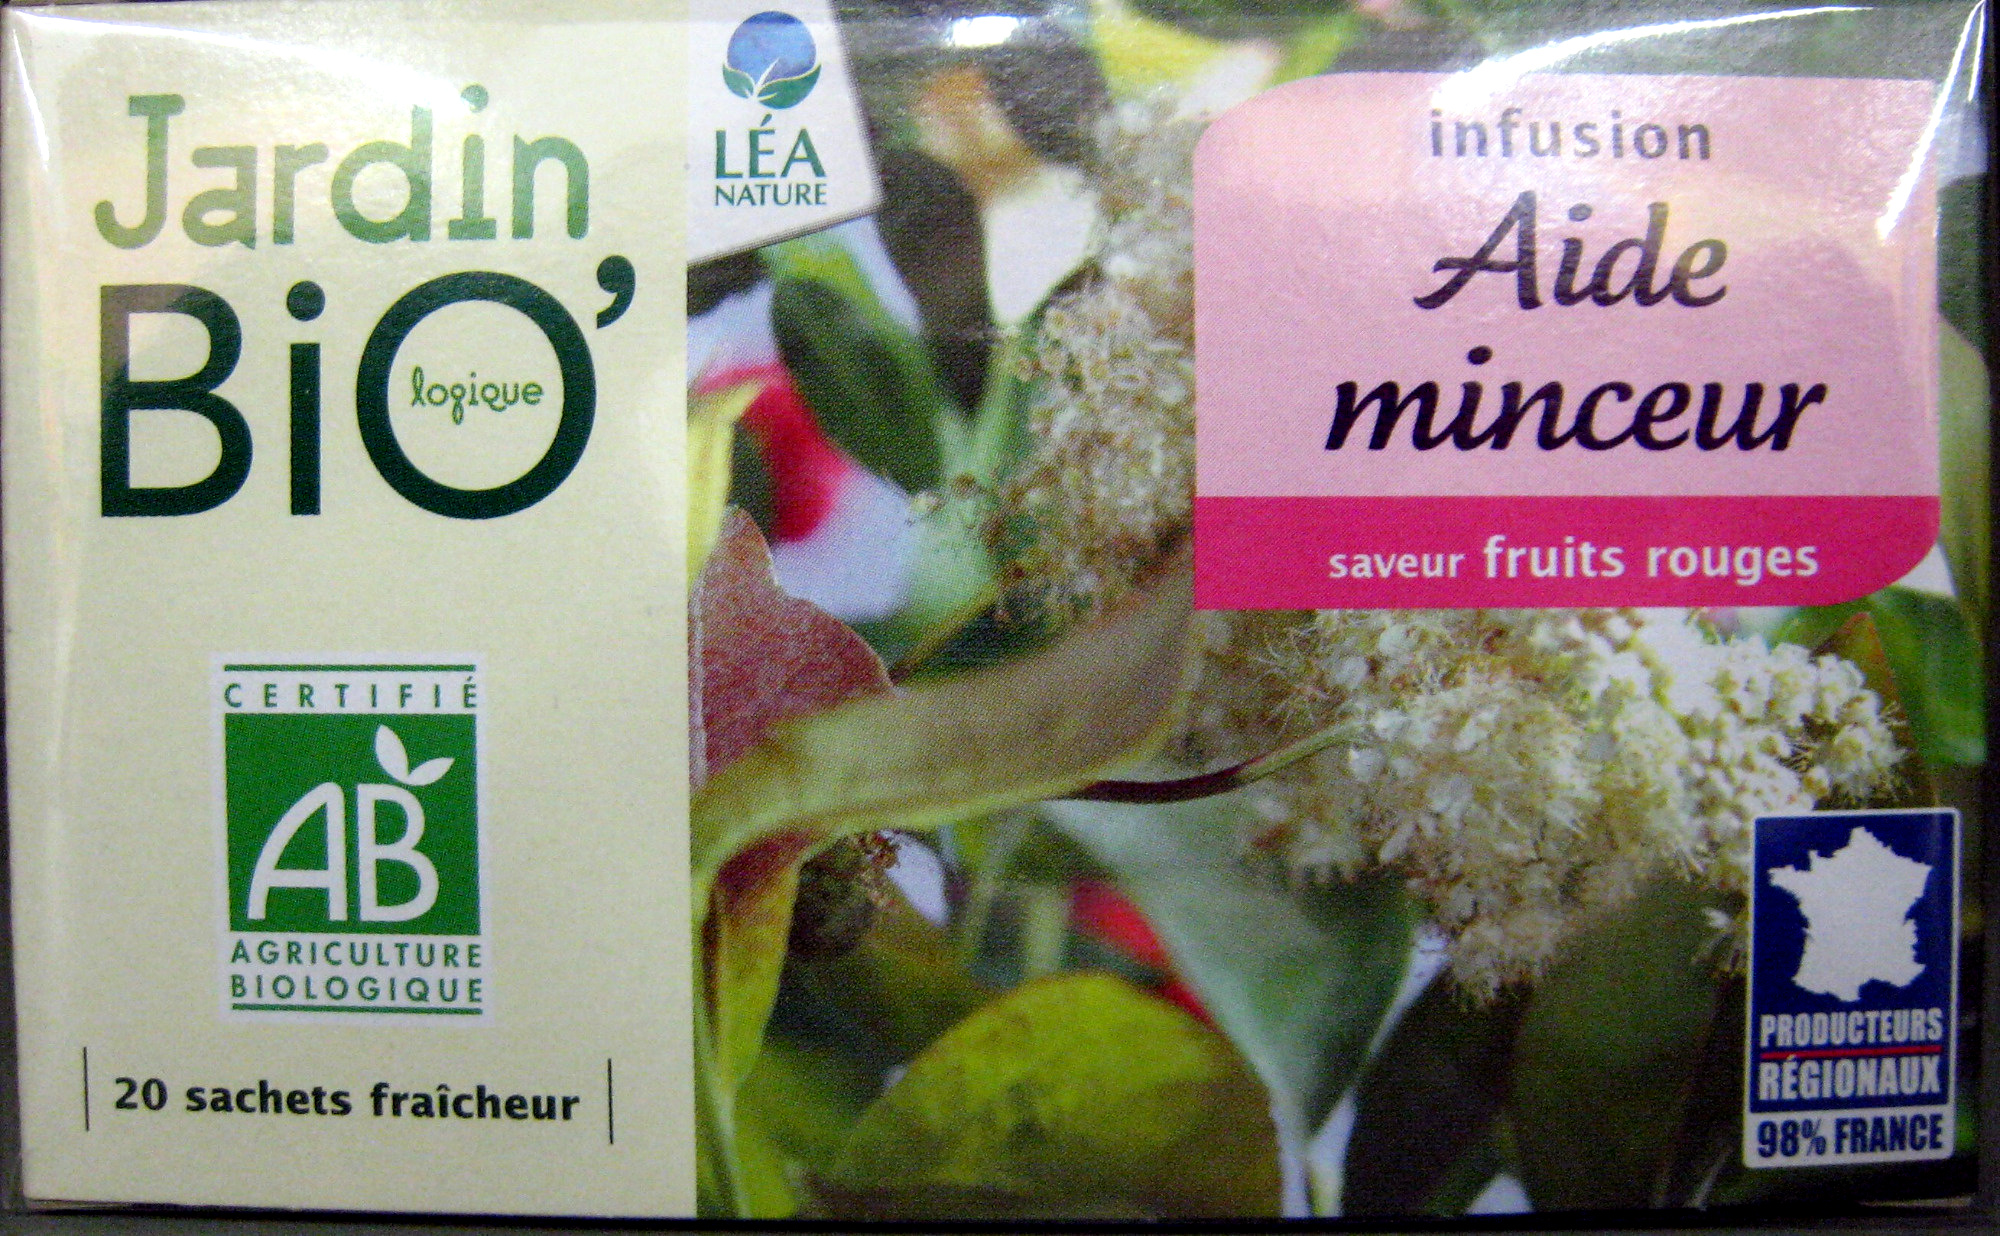 Infusion Aide minceur saveur fruits rouges Jardin Bio 30 g 20